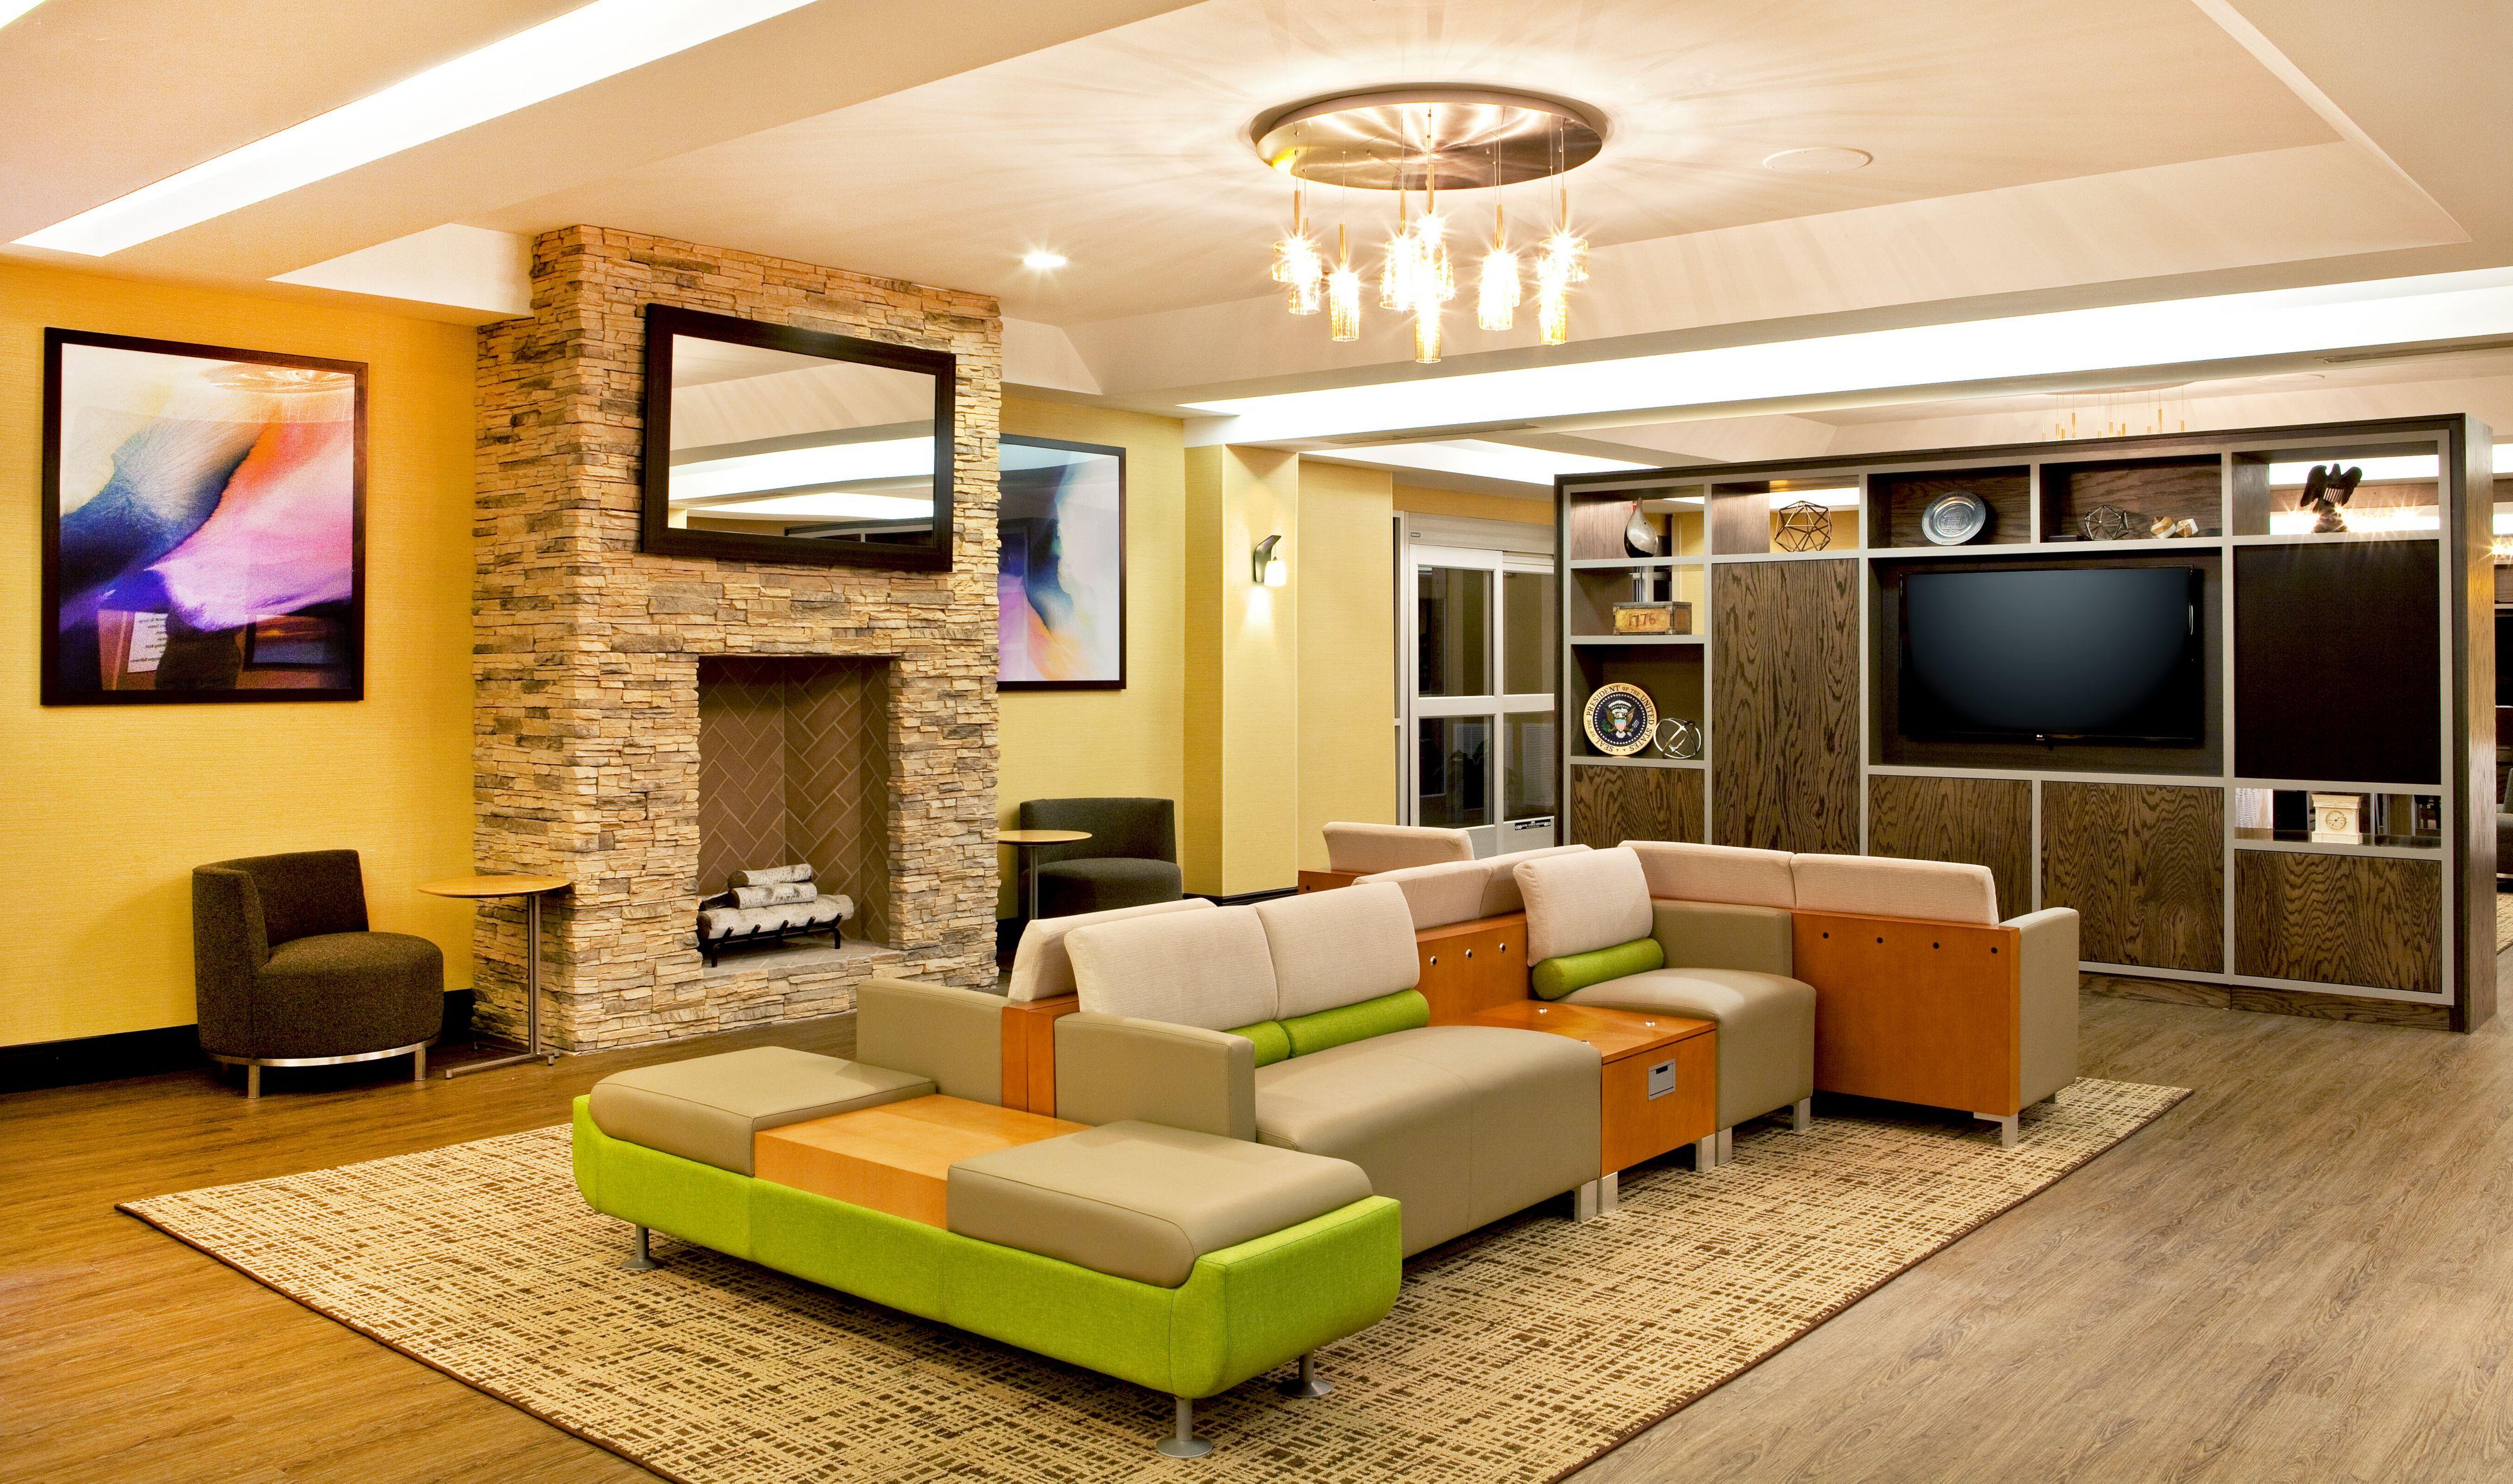 Holiday Inn Little Rock-Presidential-Dwntn image 4